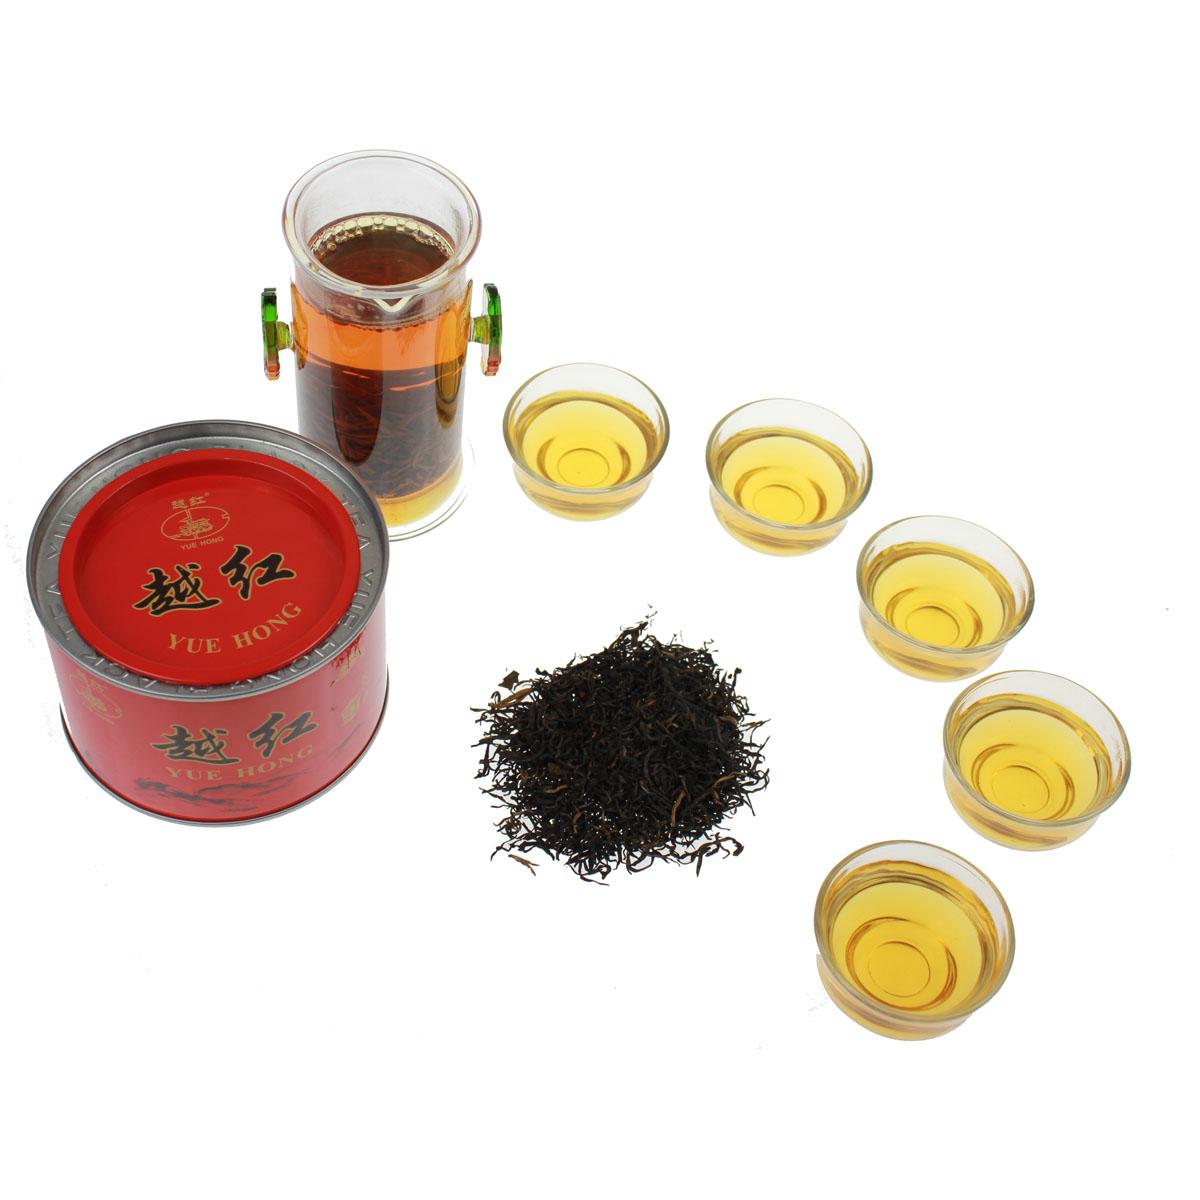 绍兴特产送佳礼厂家直销绍兴名优茶 200g 新茶特级越红工夫红茶 2018